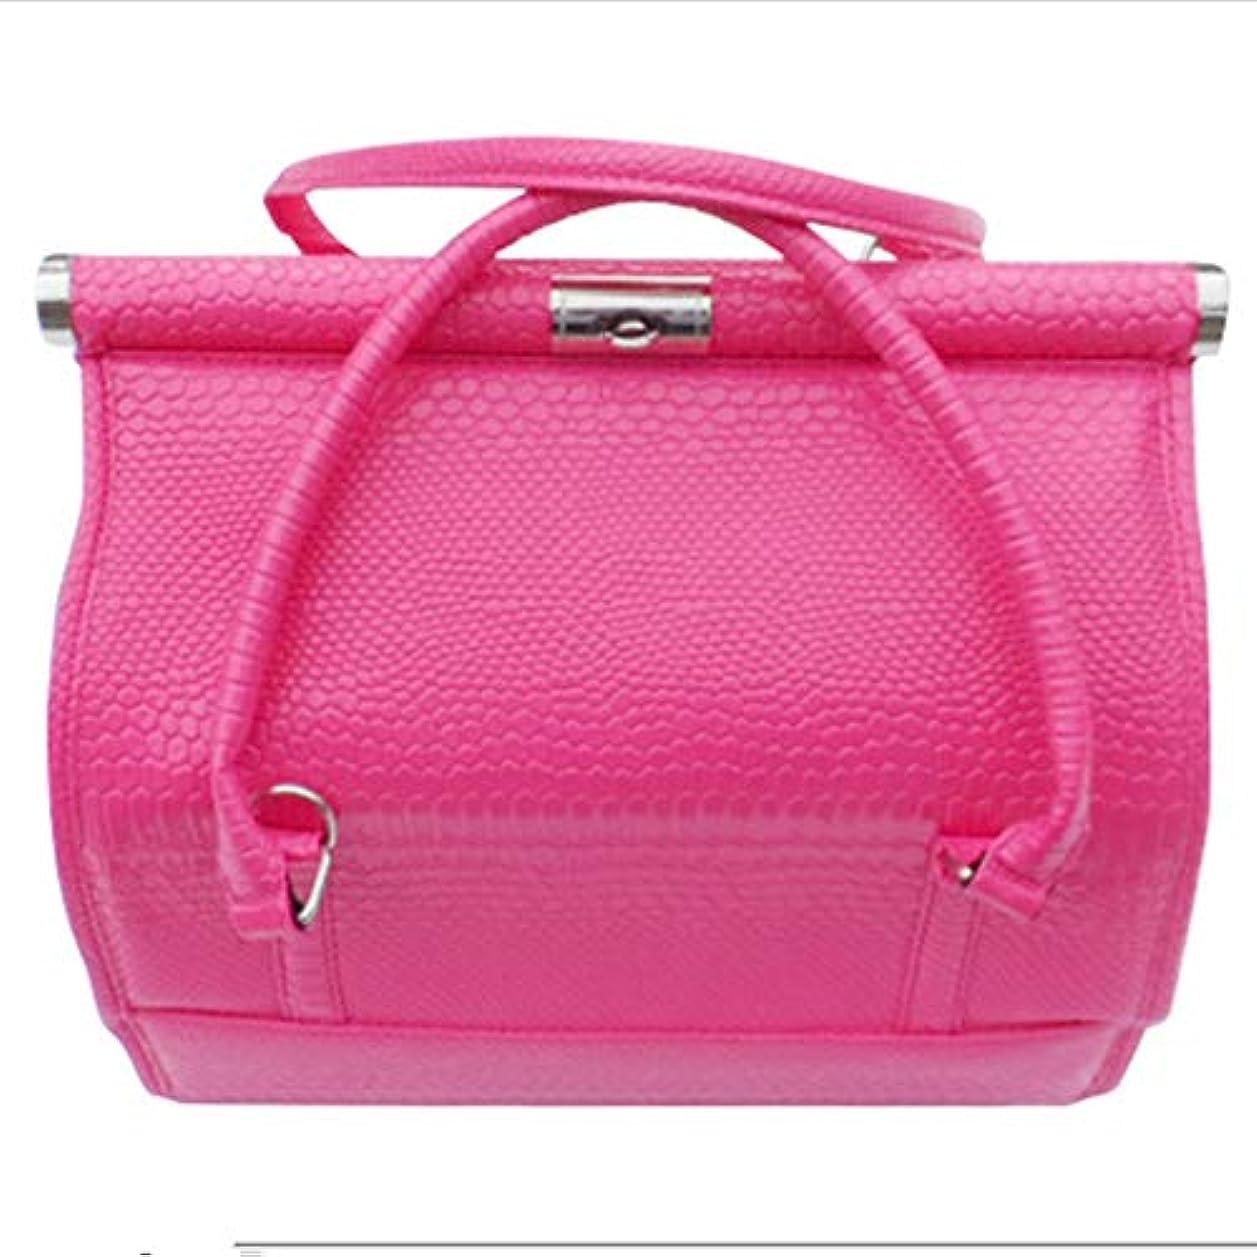 化粧オーガナイザーバッグ 女性の女性のための美容メイクアップのためのポータブル化粧品バッグ旅行と折り畳みトレイで毎日のストレージ 化粧品ケース